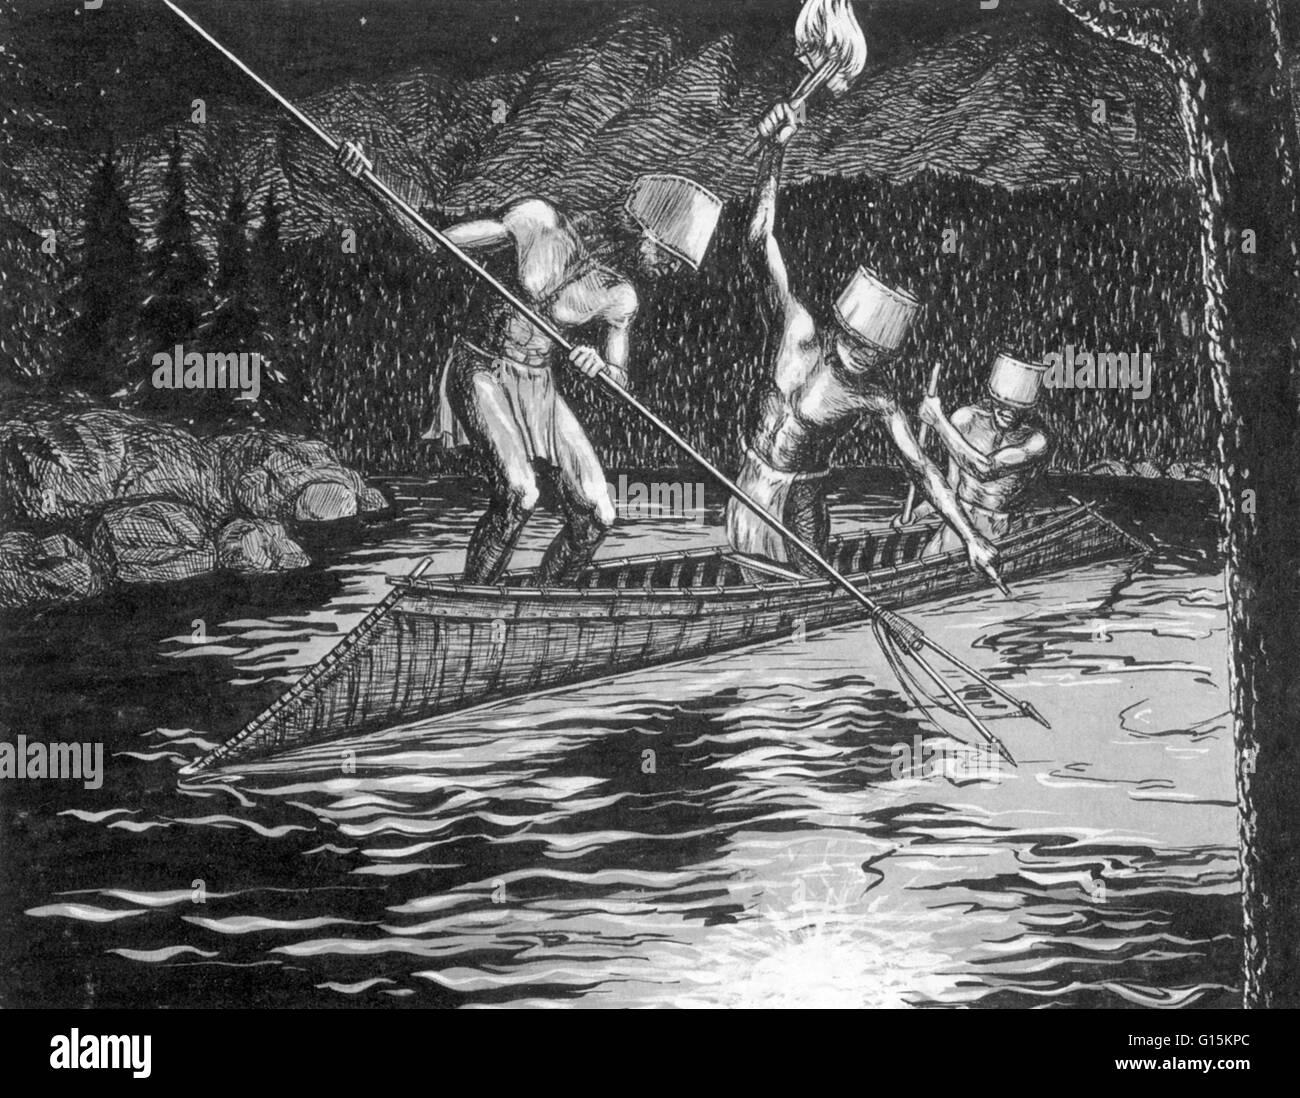 Darstellung, Shuswap (oder Secwepemc) Männer Angeln in der Nacht, mit einer Fackel des Pitch-getränkten Stockbild